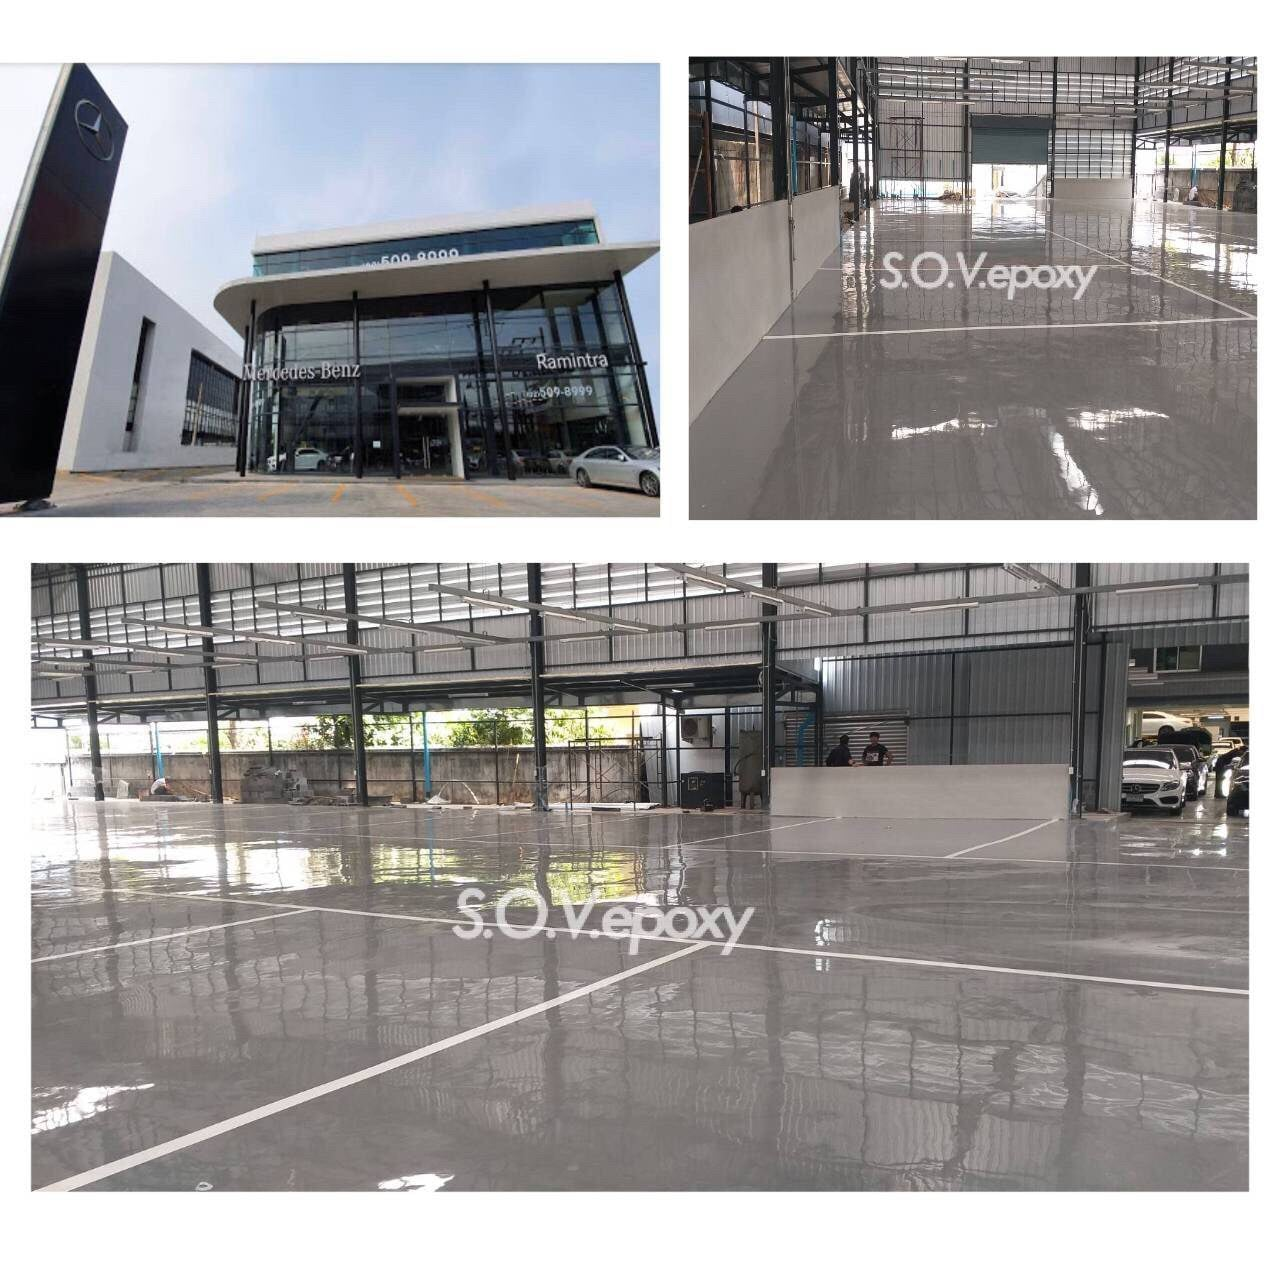 SOV Epoxy บริการงานพื้นอีพ็อกซี่ พื้นพียู พื้นโรงงาน พื้นสนามกีฬา กันซึมดาดฟ้า 6